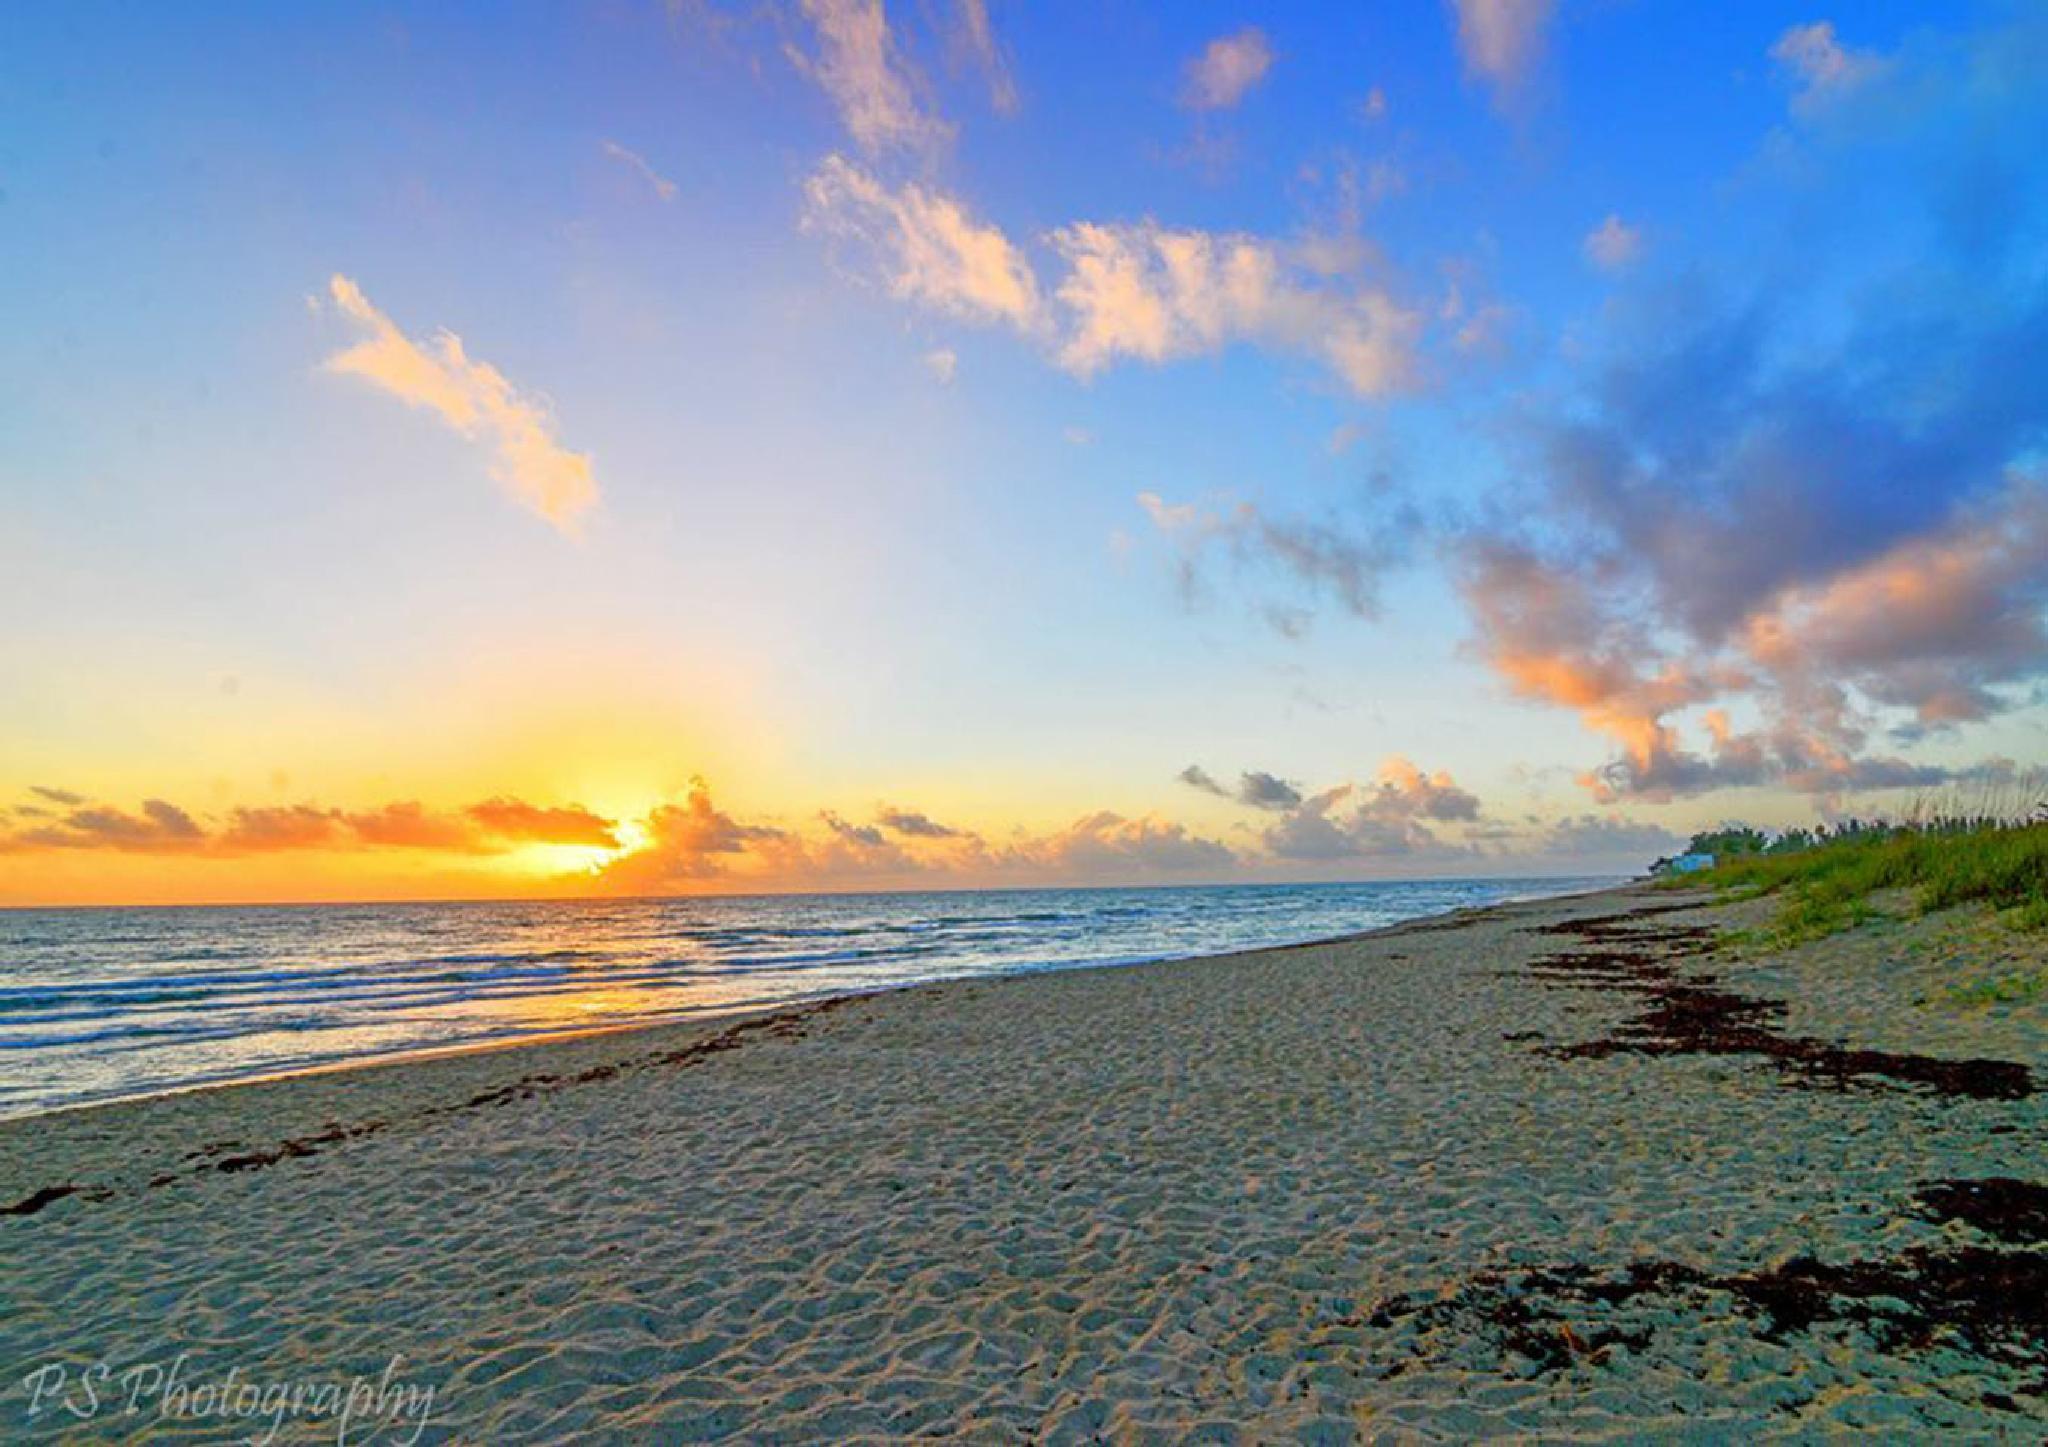 Hobe Sound Wildlife Preserve sunrise by pamsheedy